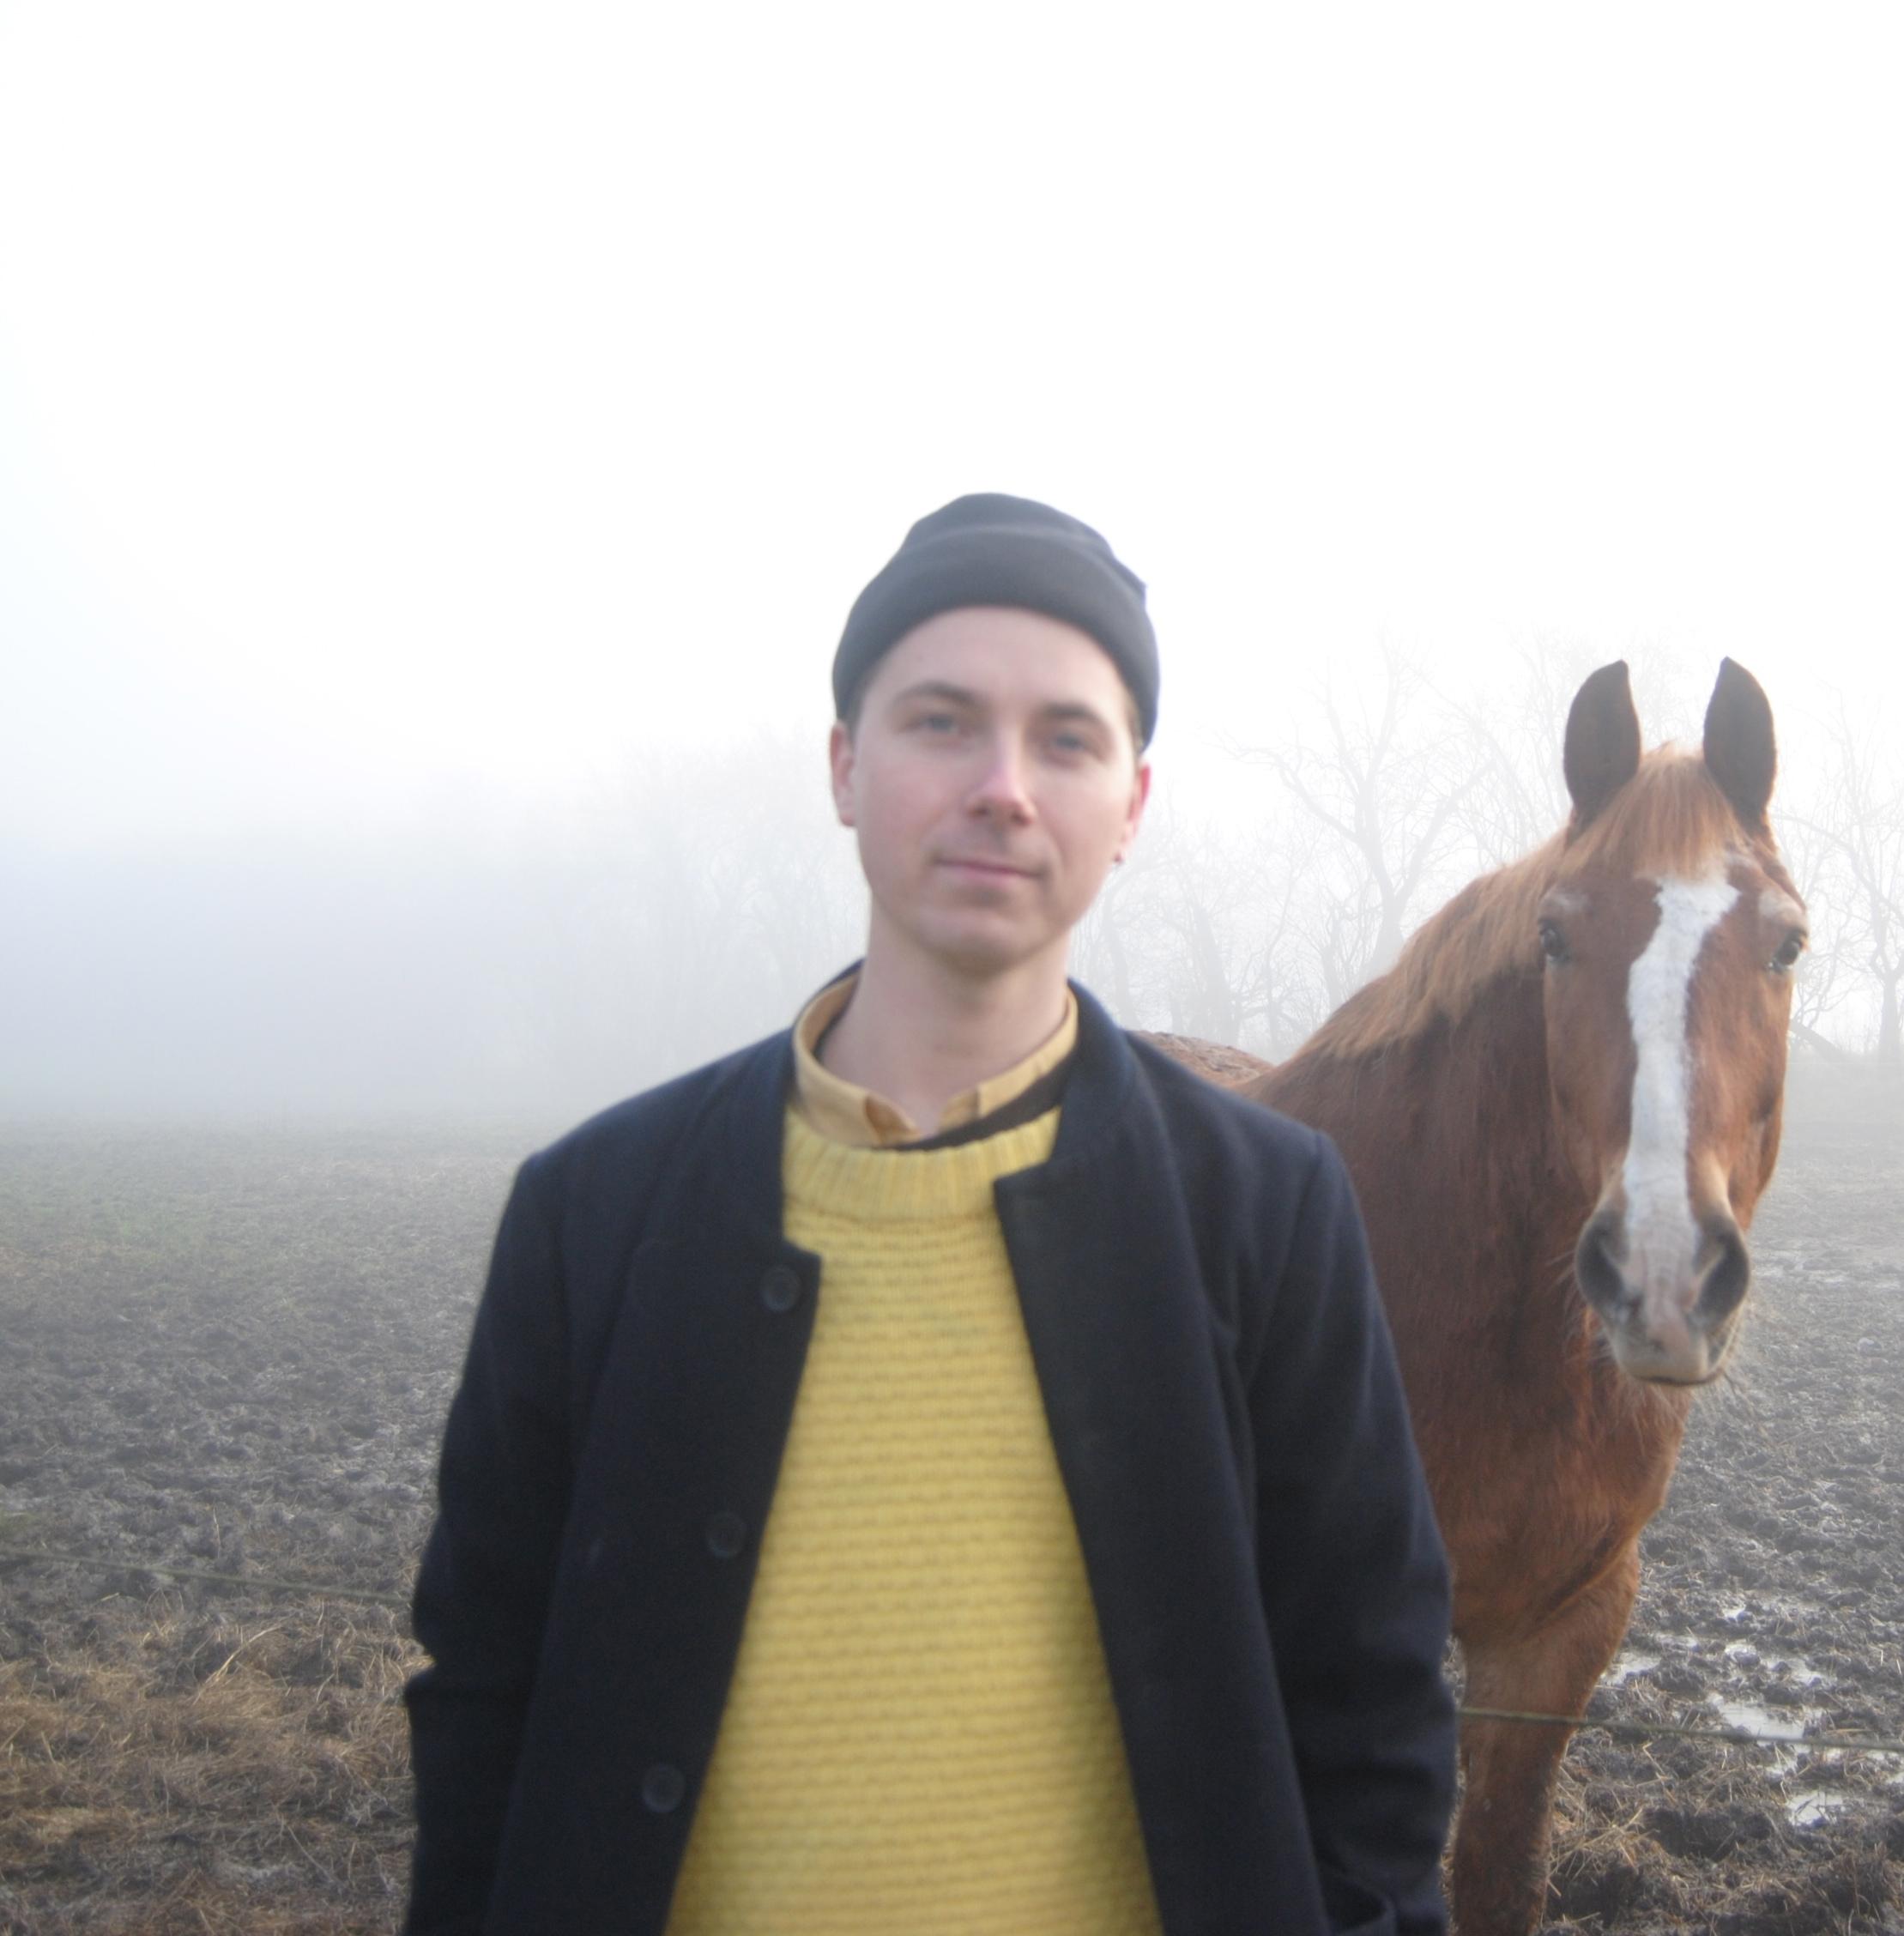 Selvportræt af Kasper Ralsted Jensen, forfatter til Vil Gud slå min sjæl ud i vandet som et æg, taget i barndommens land ved Sorø.